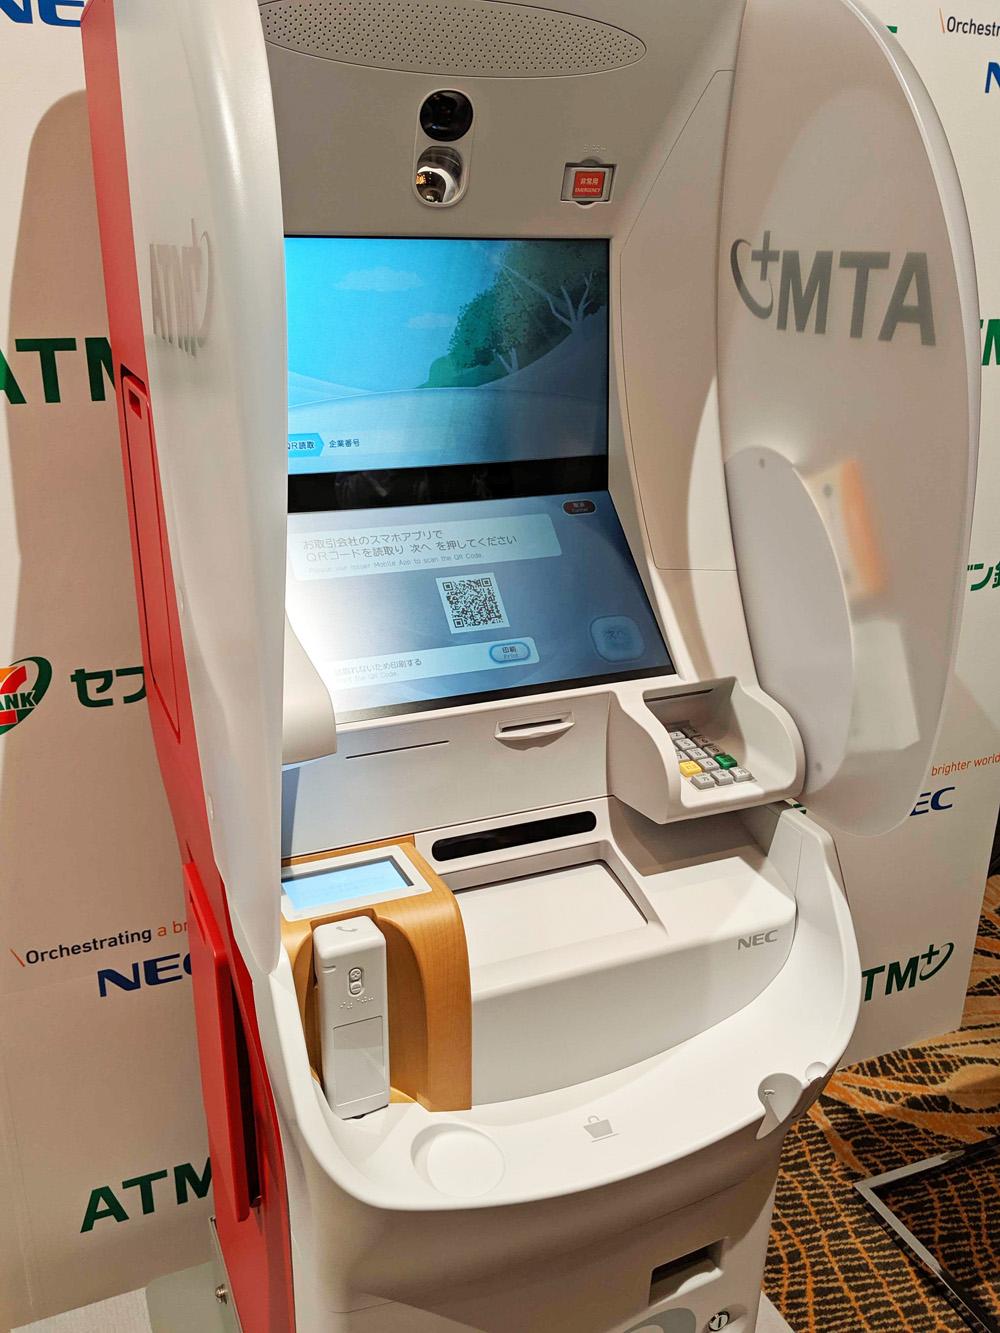 セブン銀行の新型ATM、実用化へ第一歩 顔認証で本人確認・口座開設 都内で実験開始